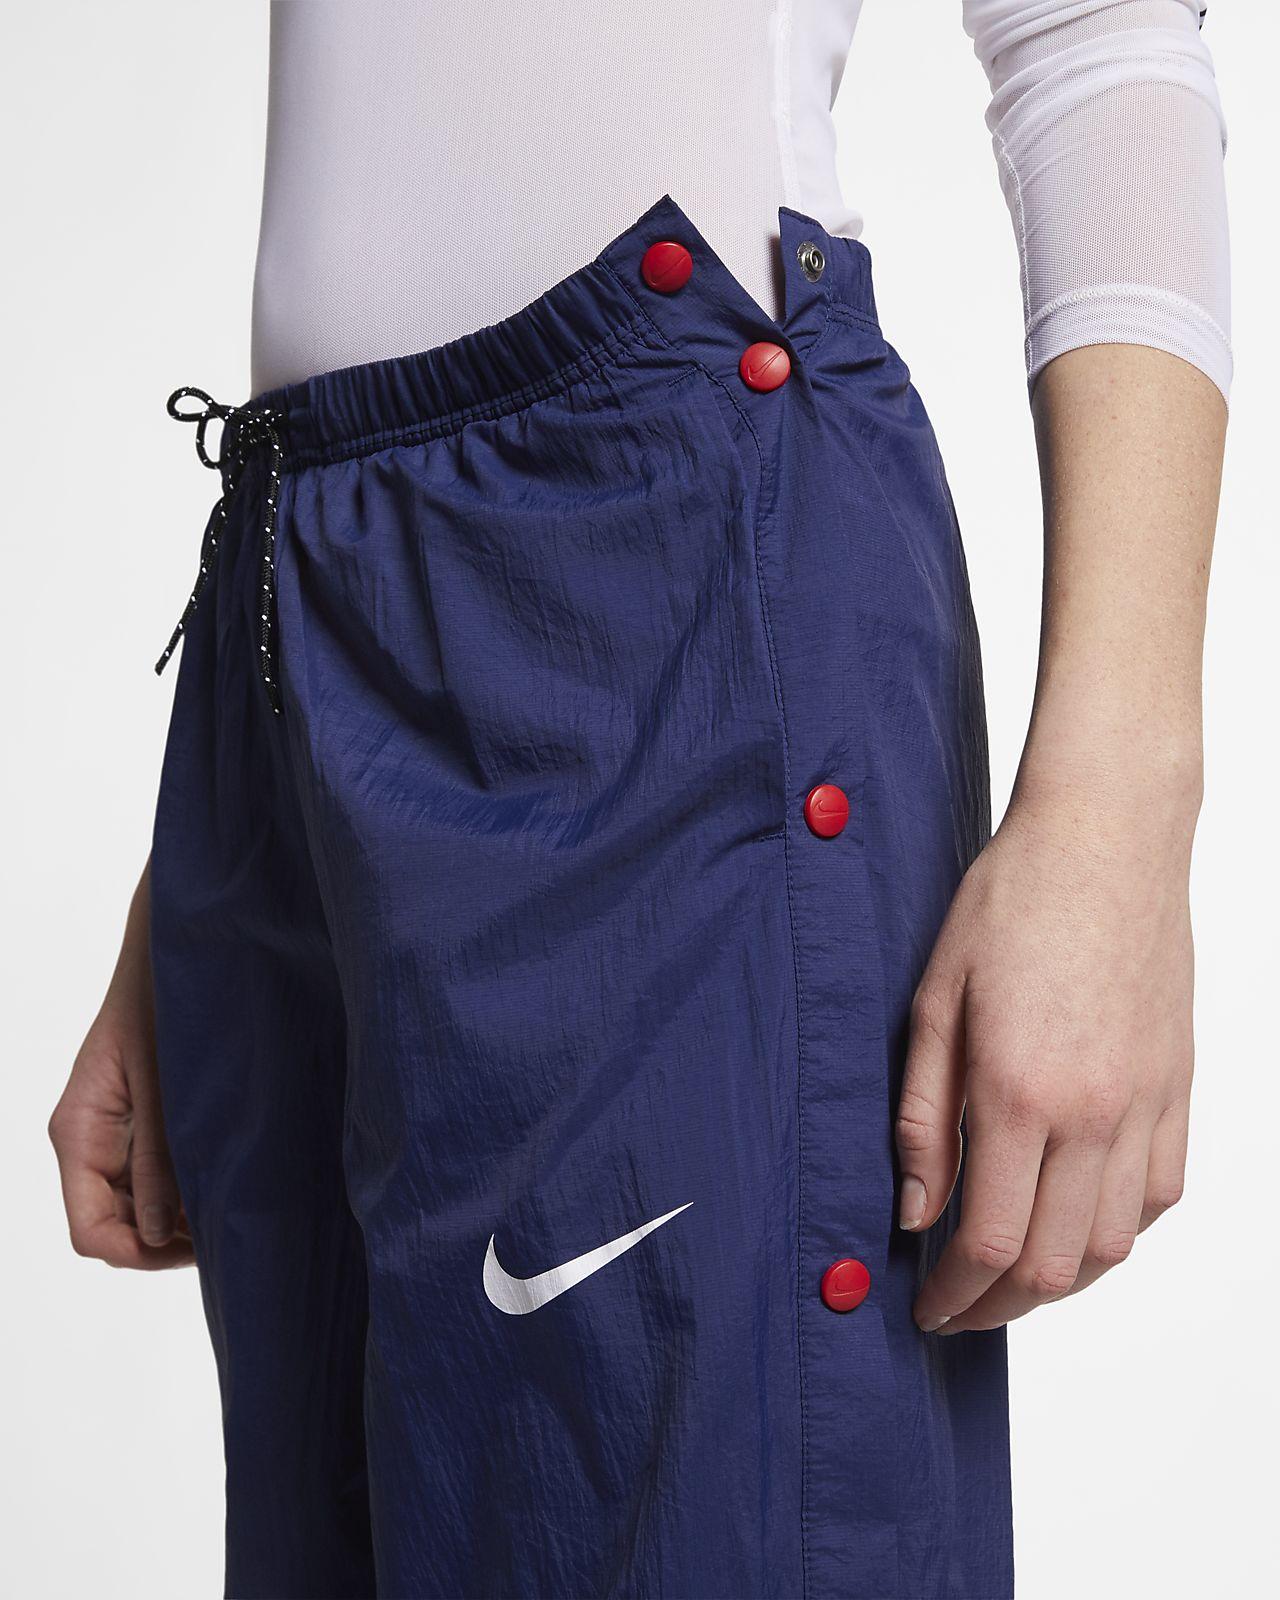 Pantalon Windrunner Pantalon Nike Nike Sportswear Sportswear Windrunner Ca Pantalon Ca Sportswear Nike 1gr1HwqxF